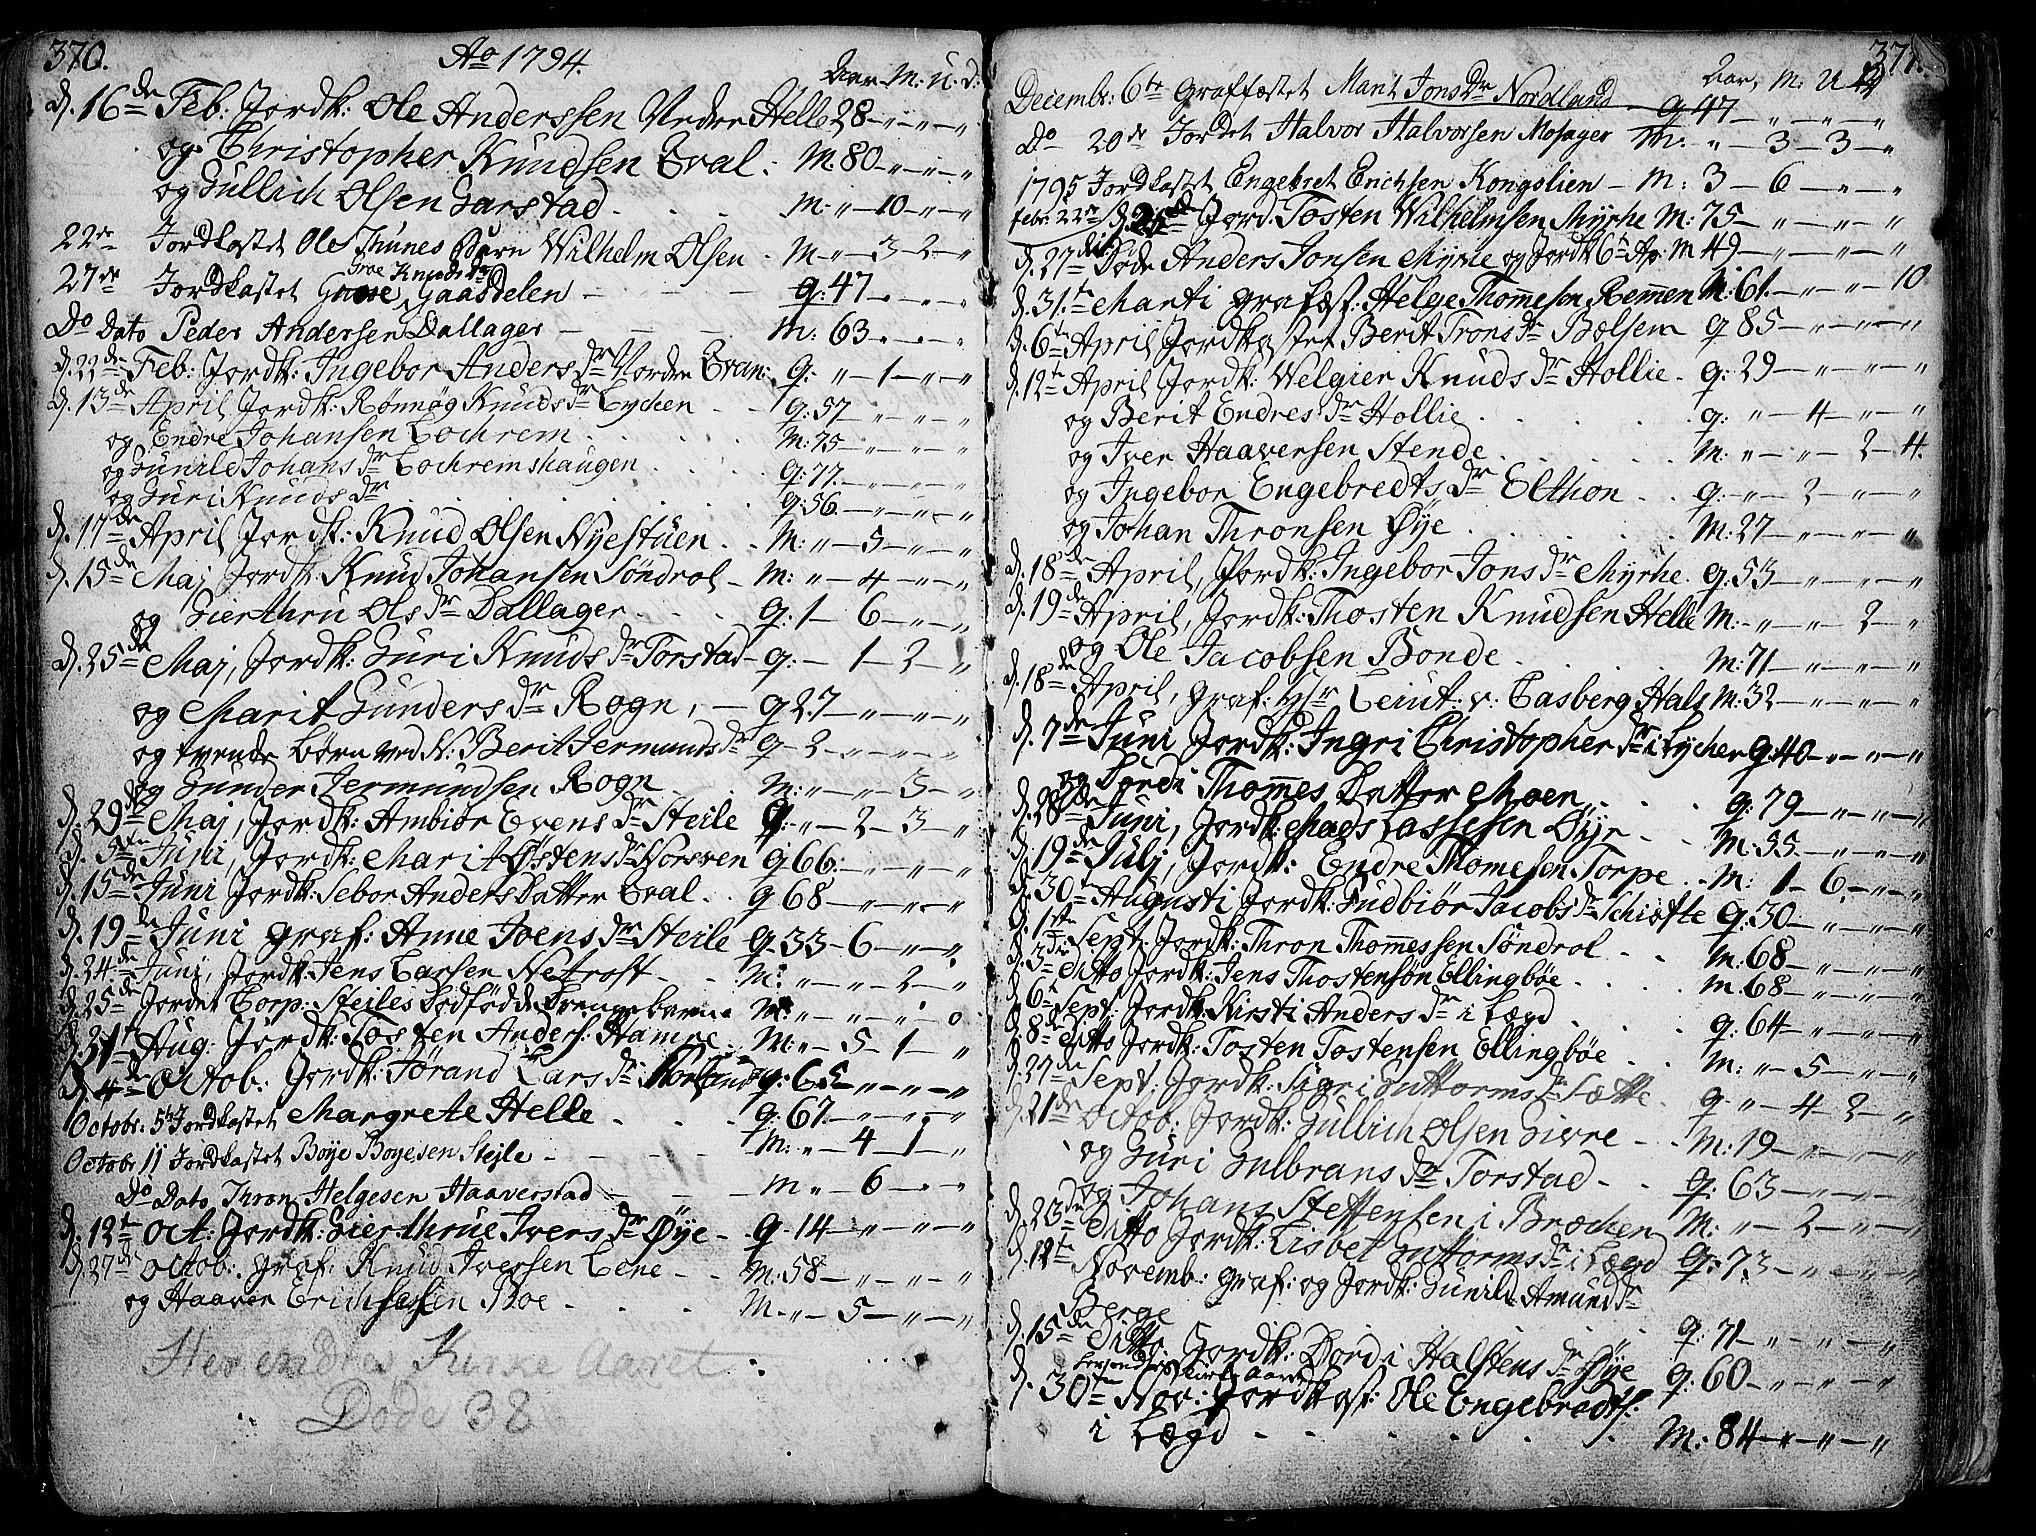 SAH, Vang prestekontor, Valdres, Ministerialbok nr. 1, 1730-1796, s. 370-371